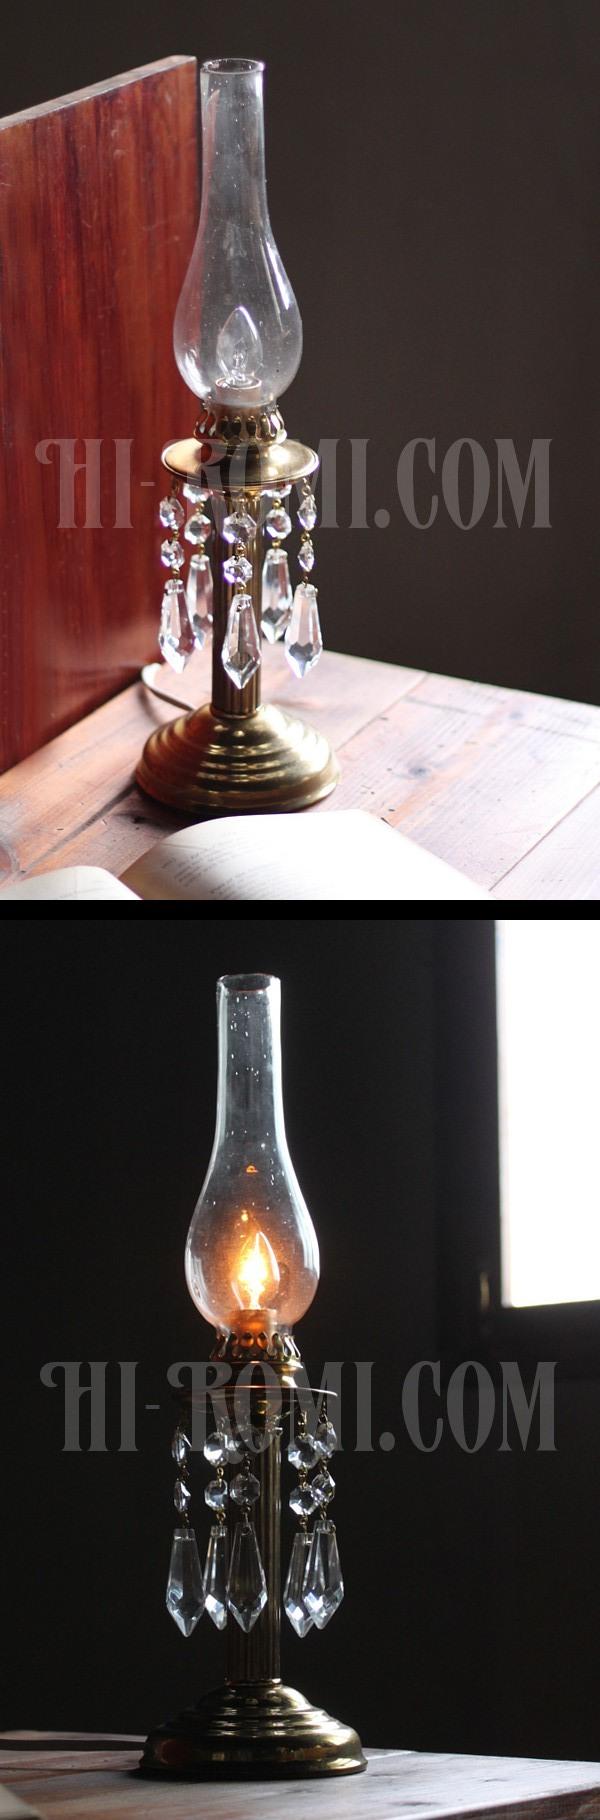 ヴィンテージガラス製チムニー&プリズム付テーブルランプ/アンティーク真鍮照明